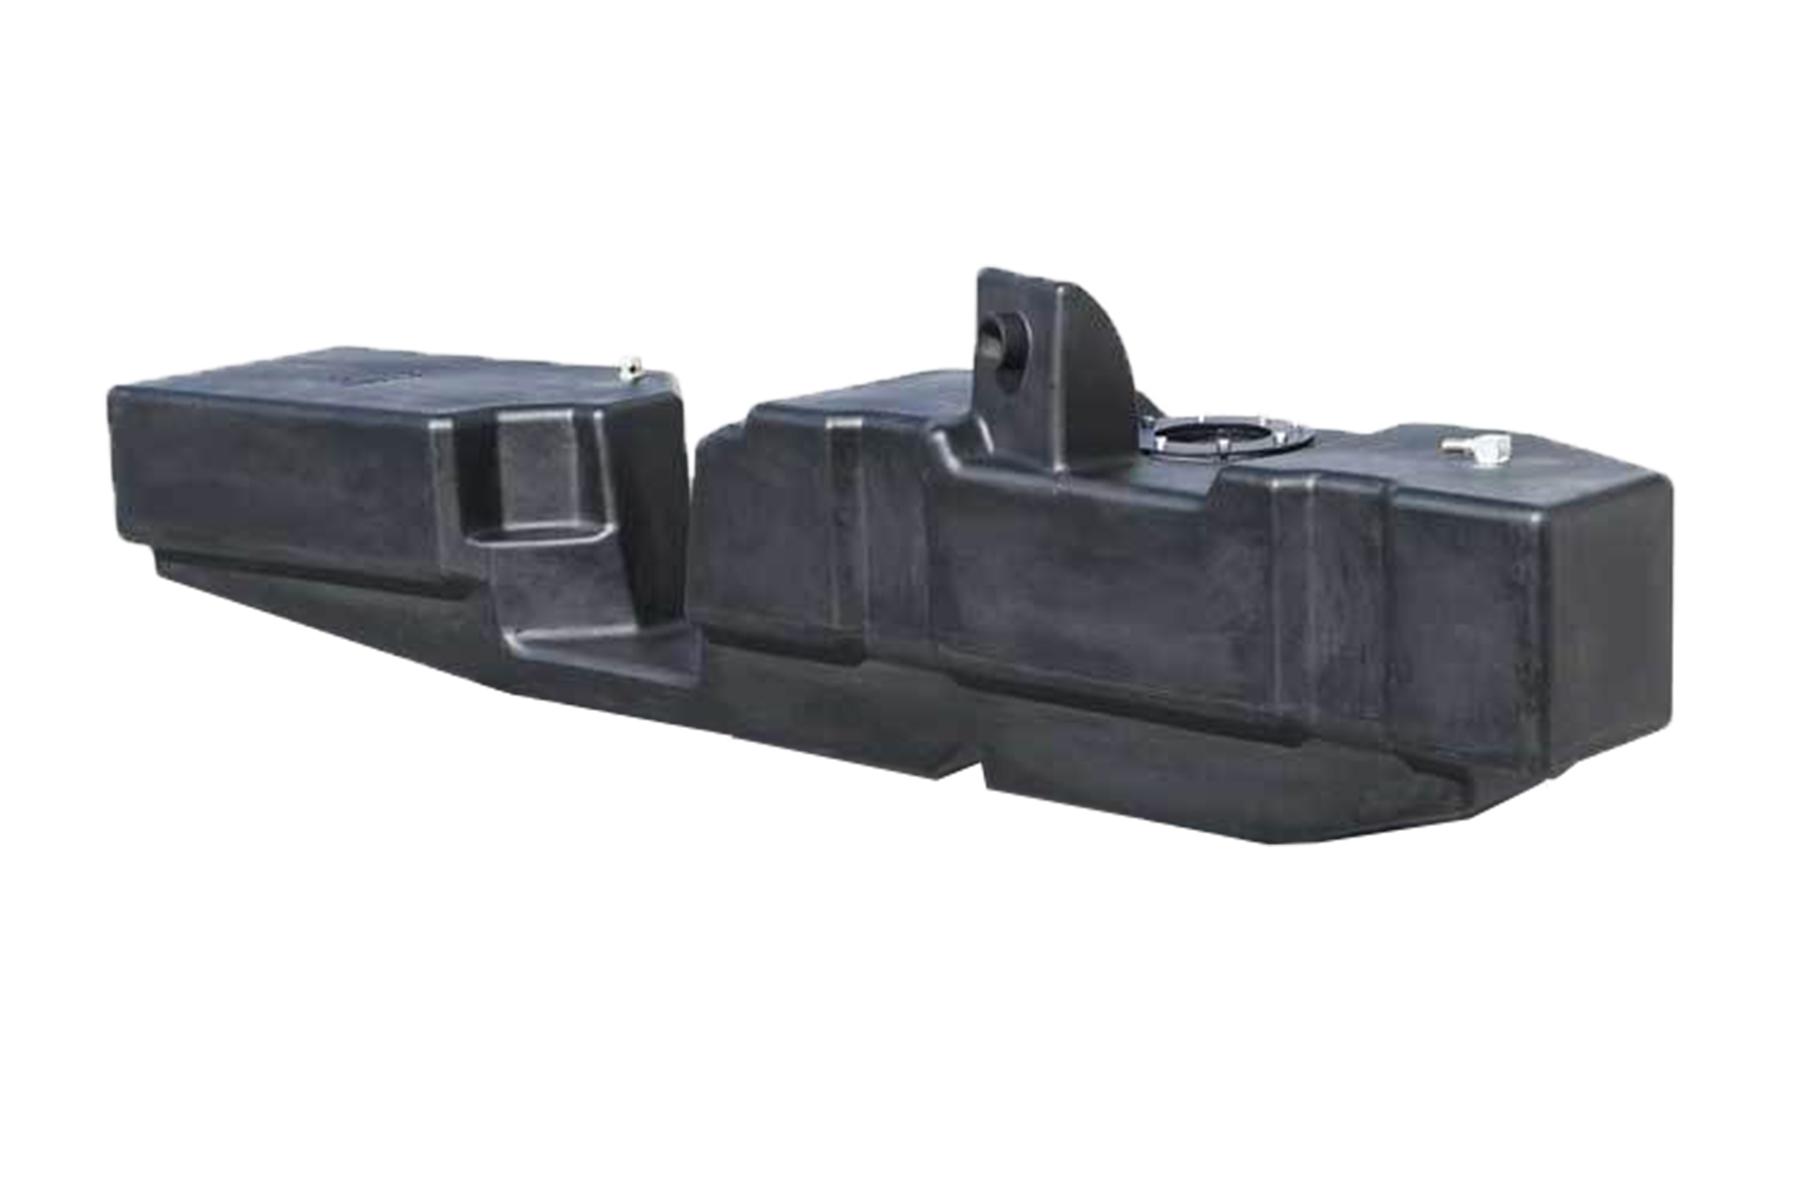 52 Gallon extra heavy duty, cross-linked polyethylene fuel tank with shield